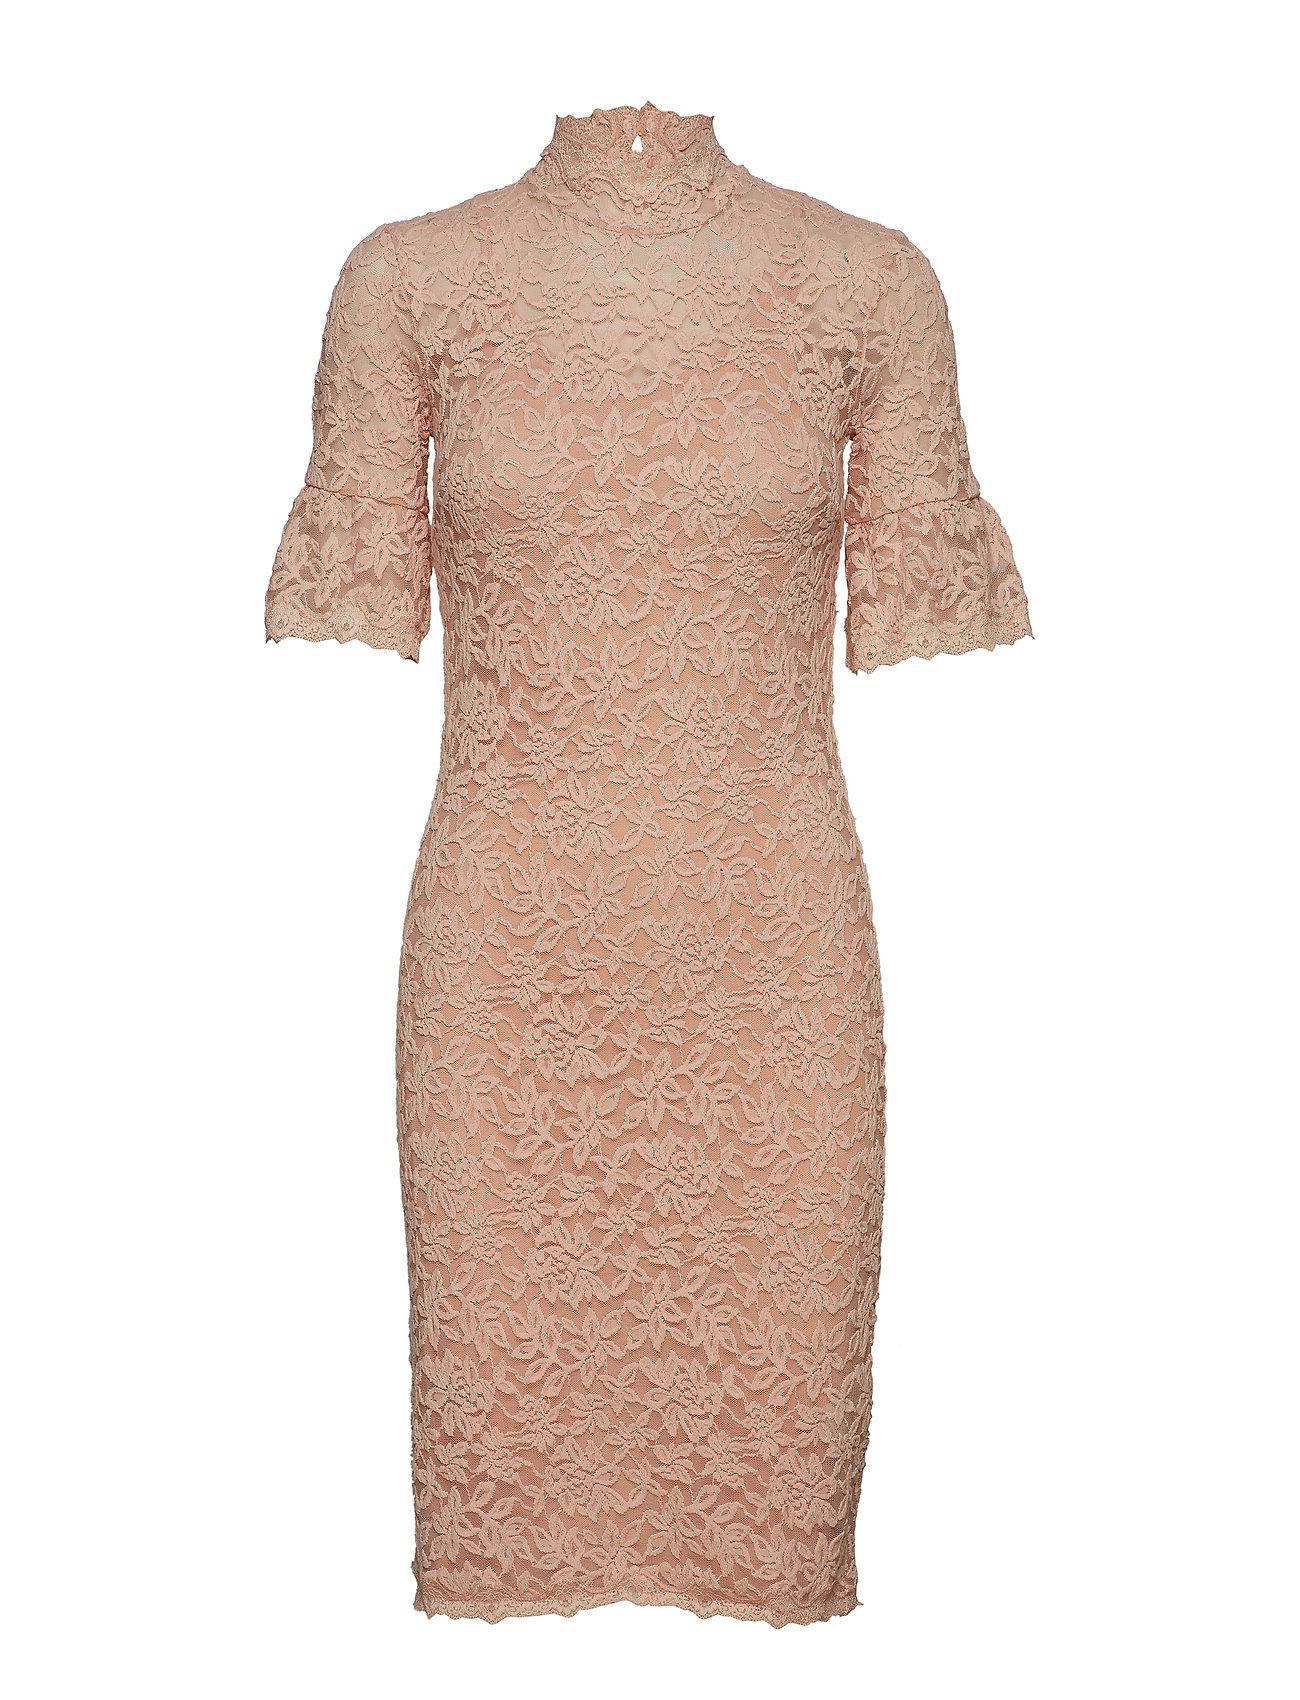 Rosemunde Dress ss - ROSE SAND